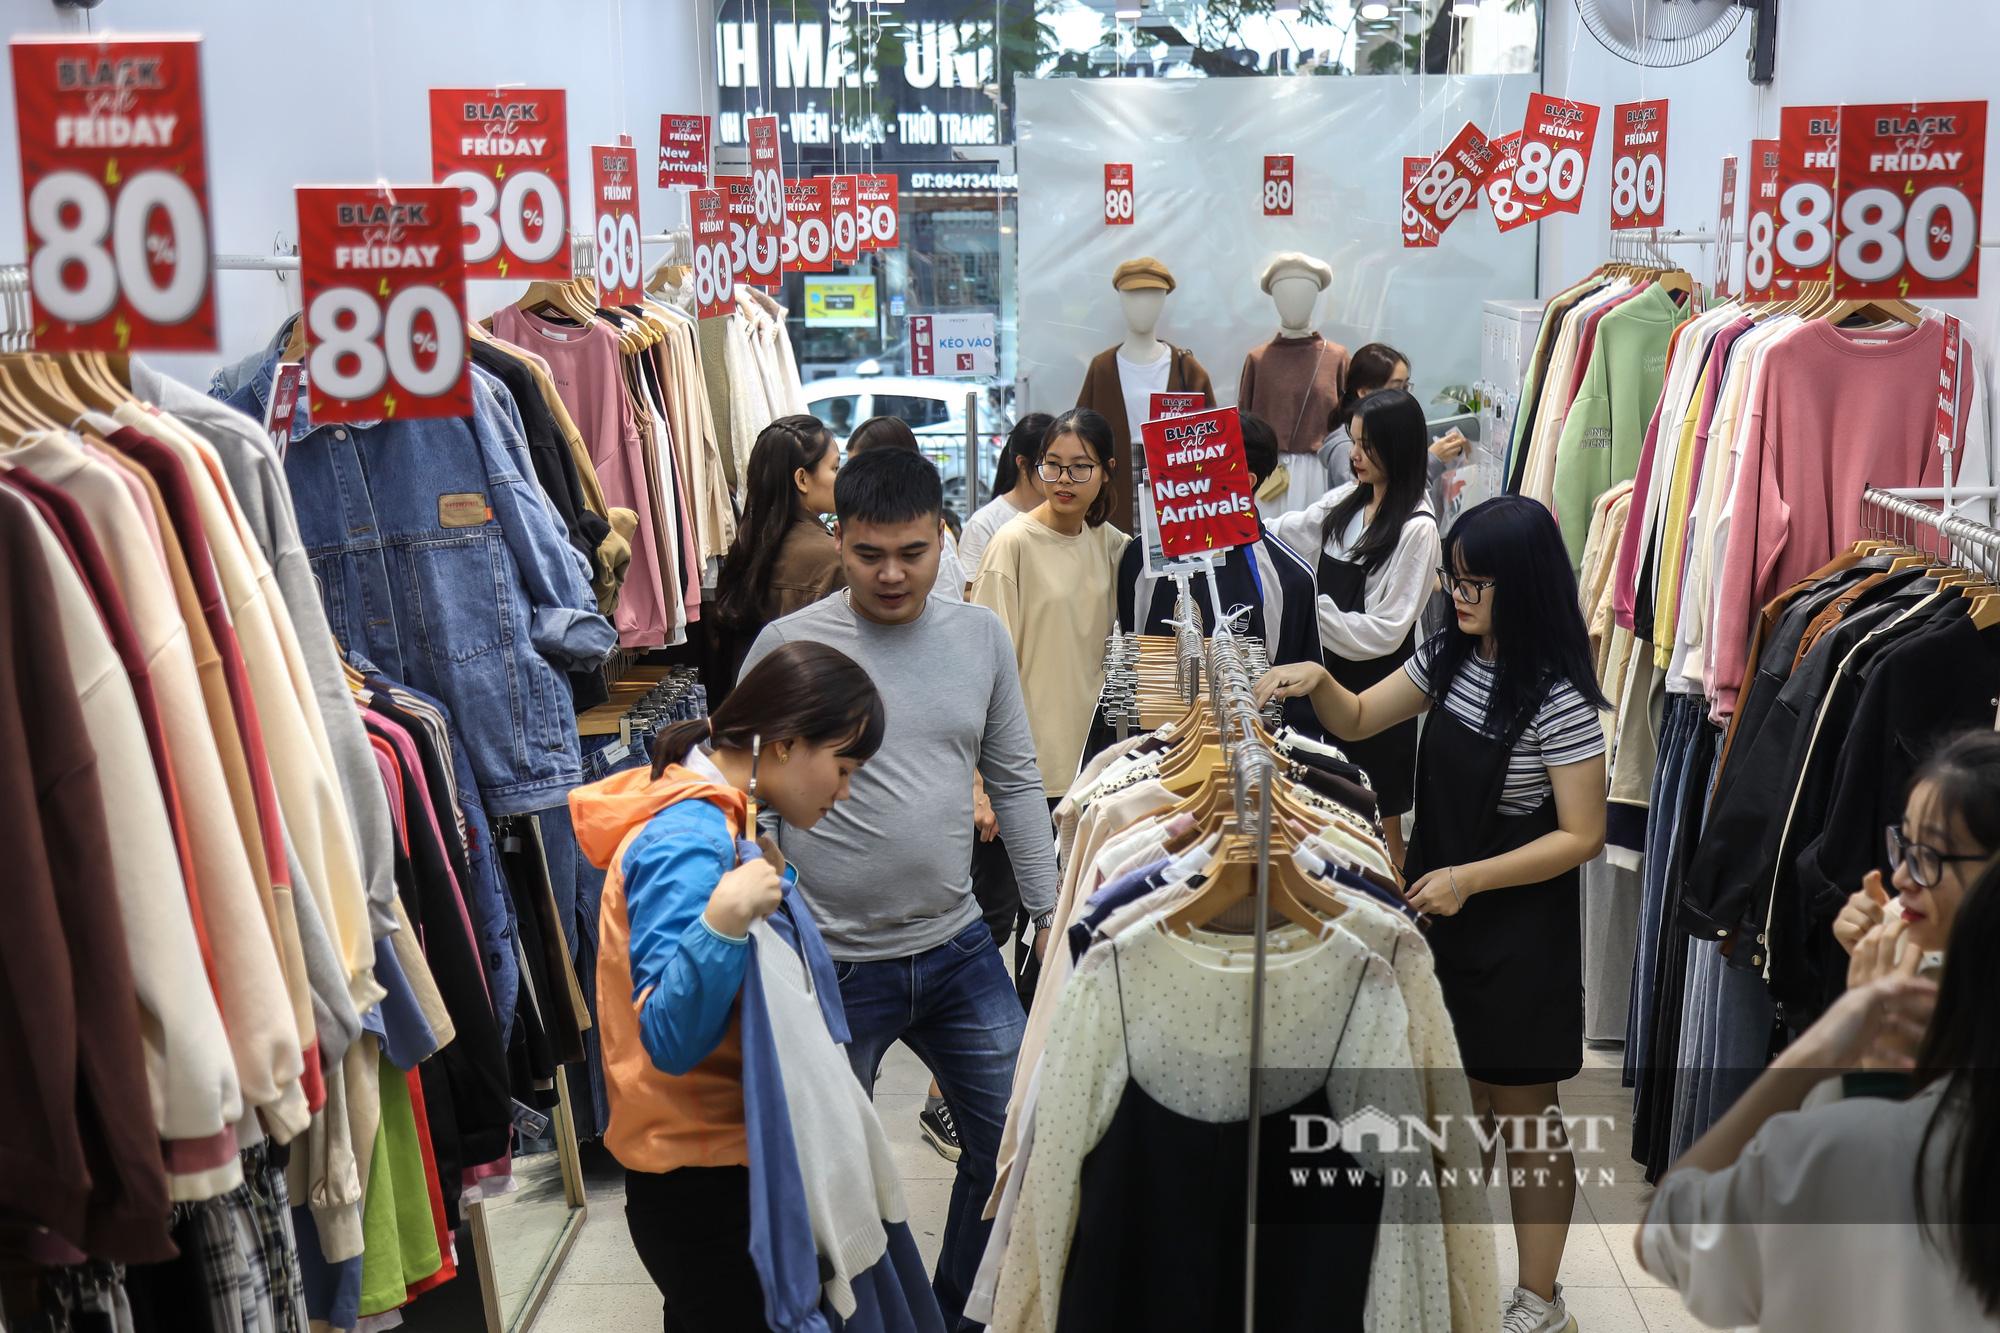 Phố thời trang Hà Nội rợp biển giảm giá 80% dù chưa đến Black Friday - Ảnh 7.